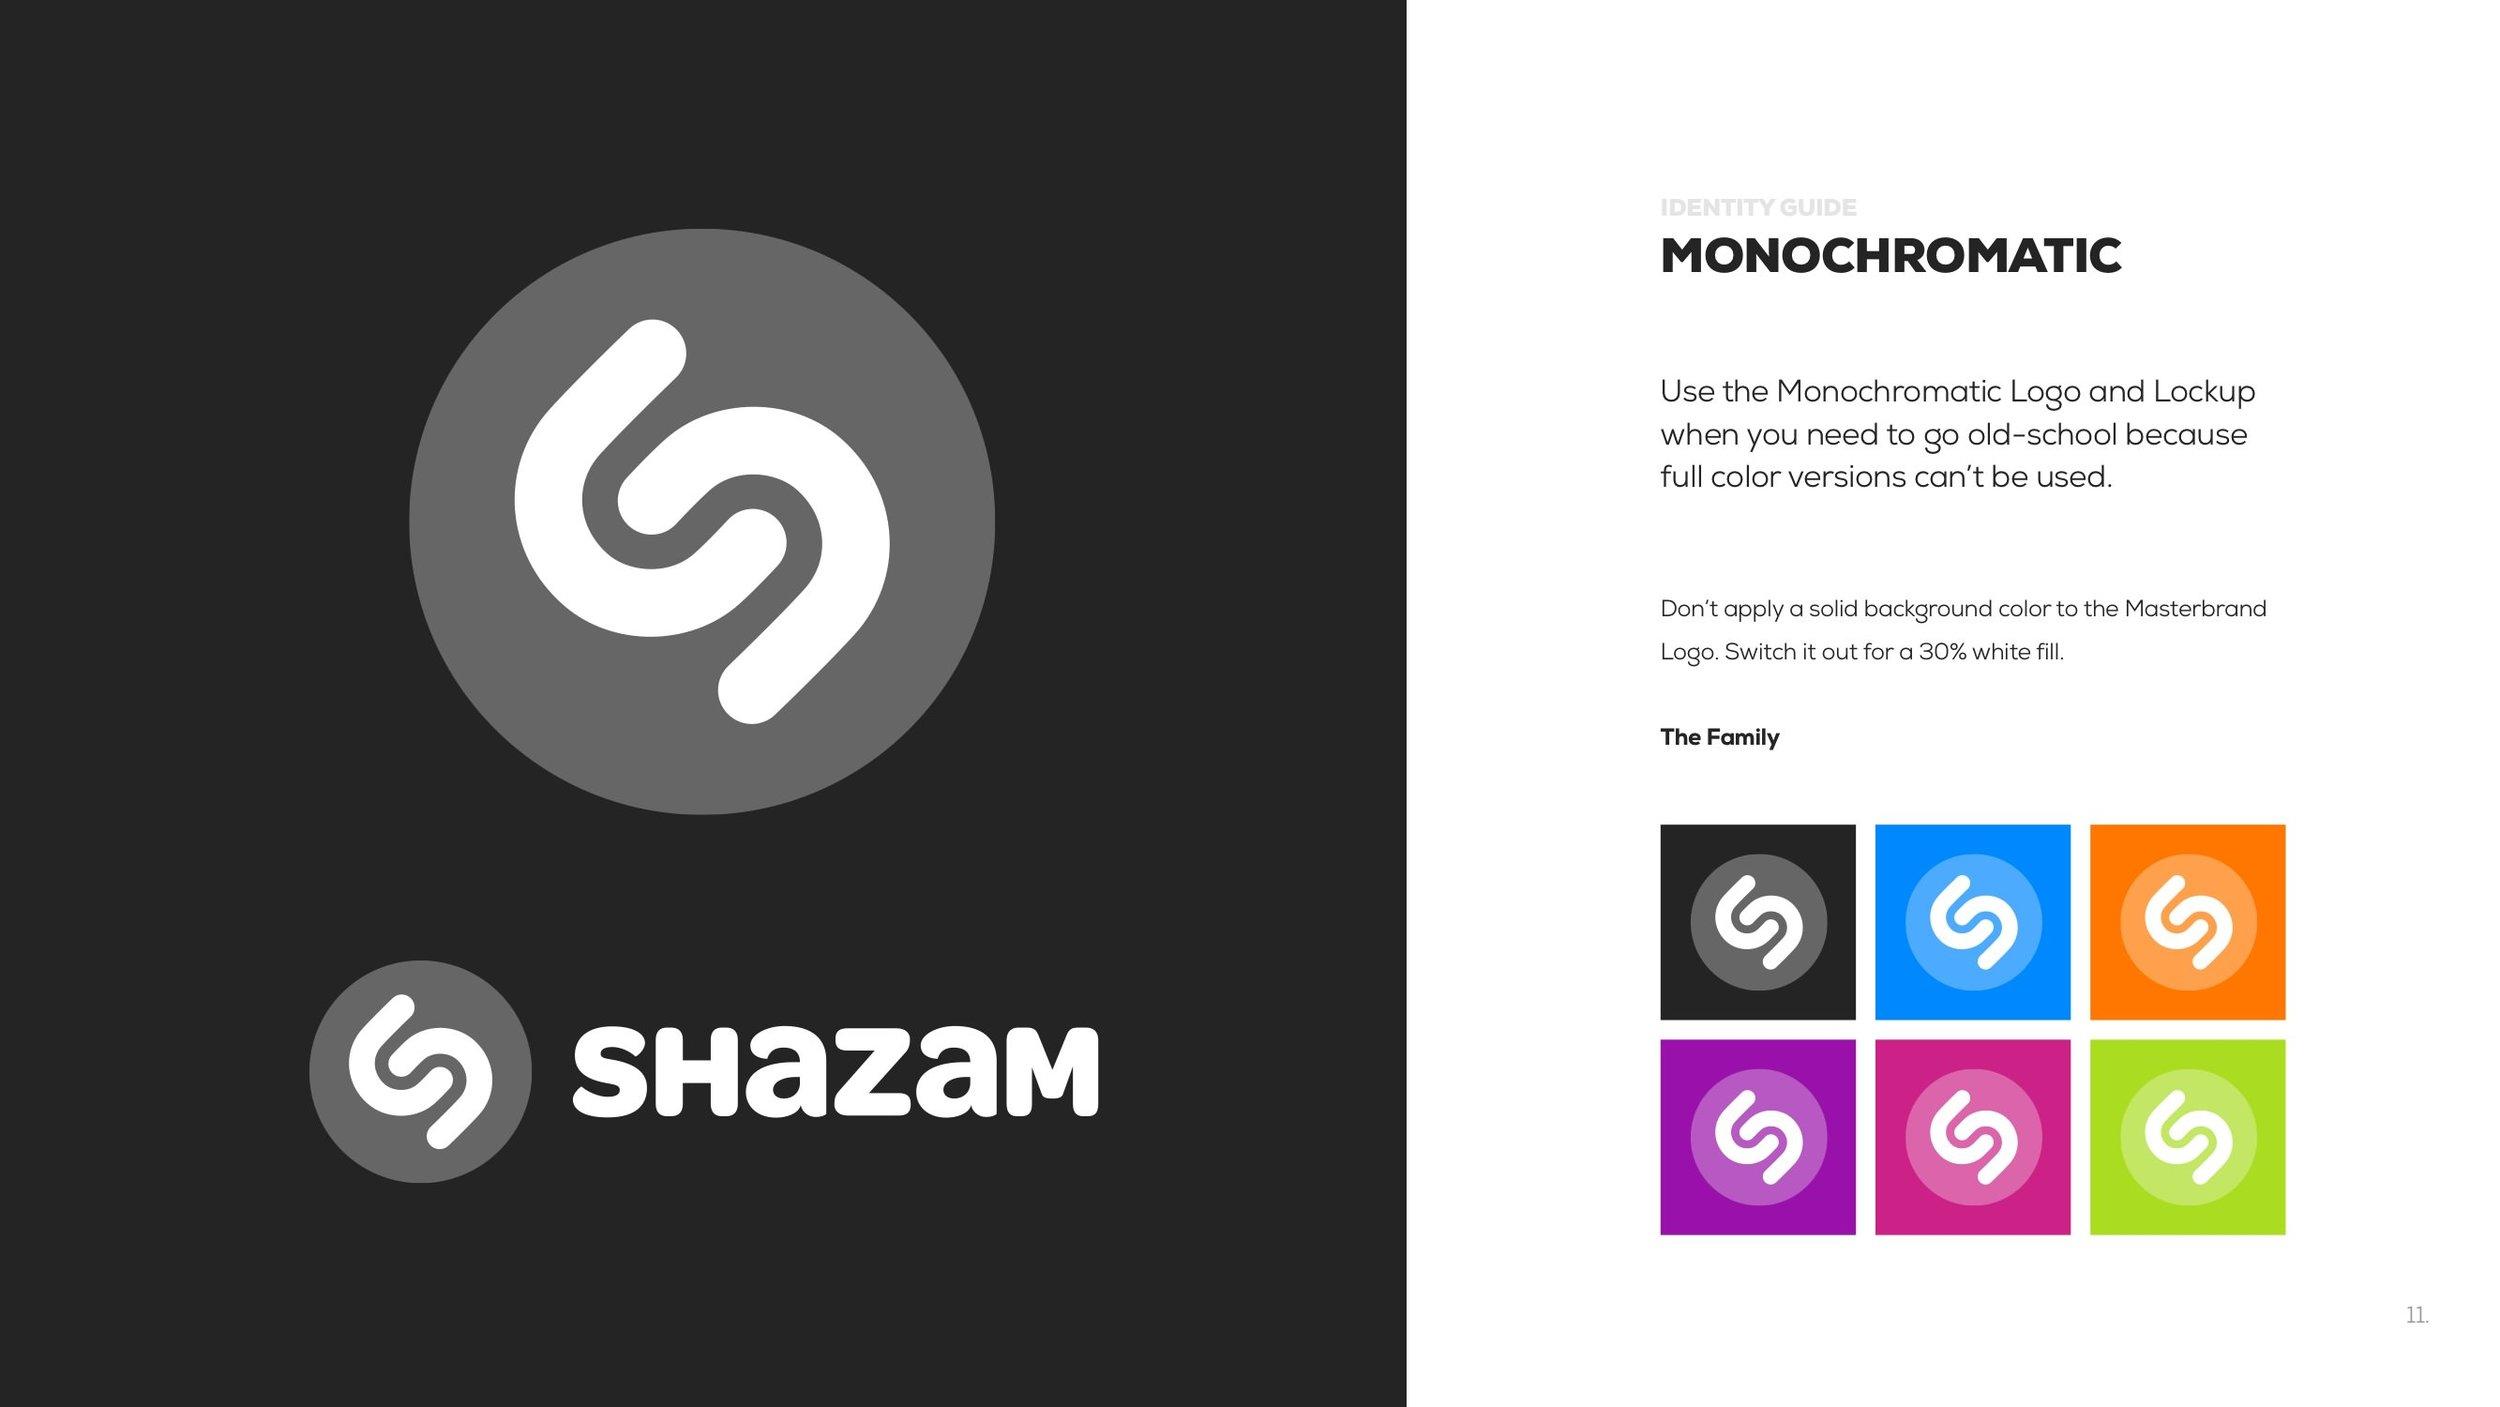 Shazam_Identity_Guidelines 127.jpeg